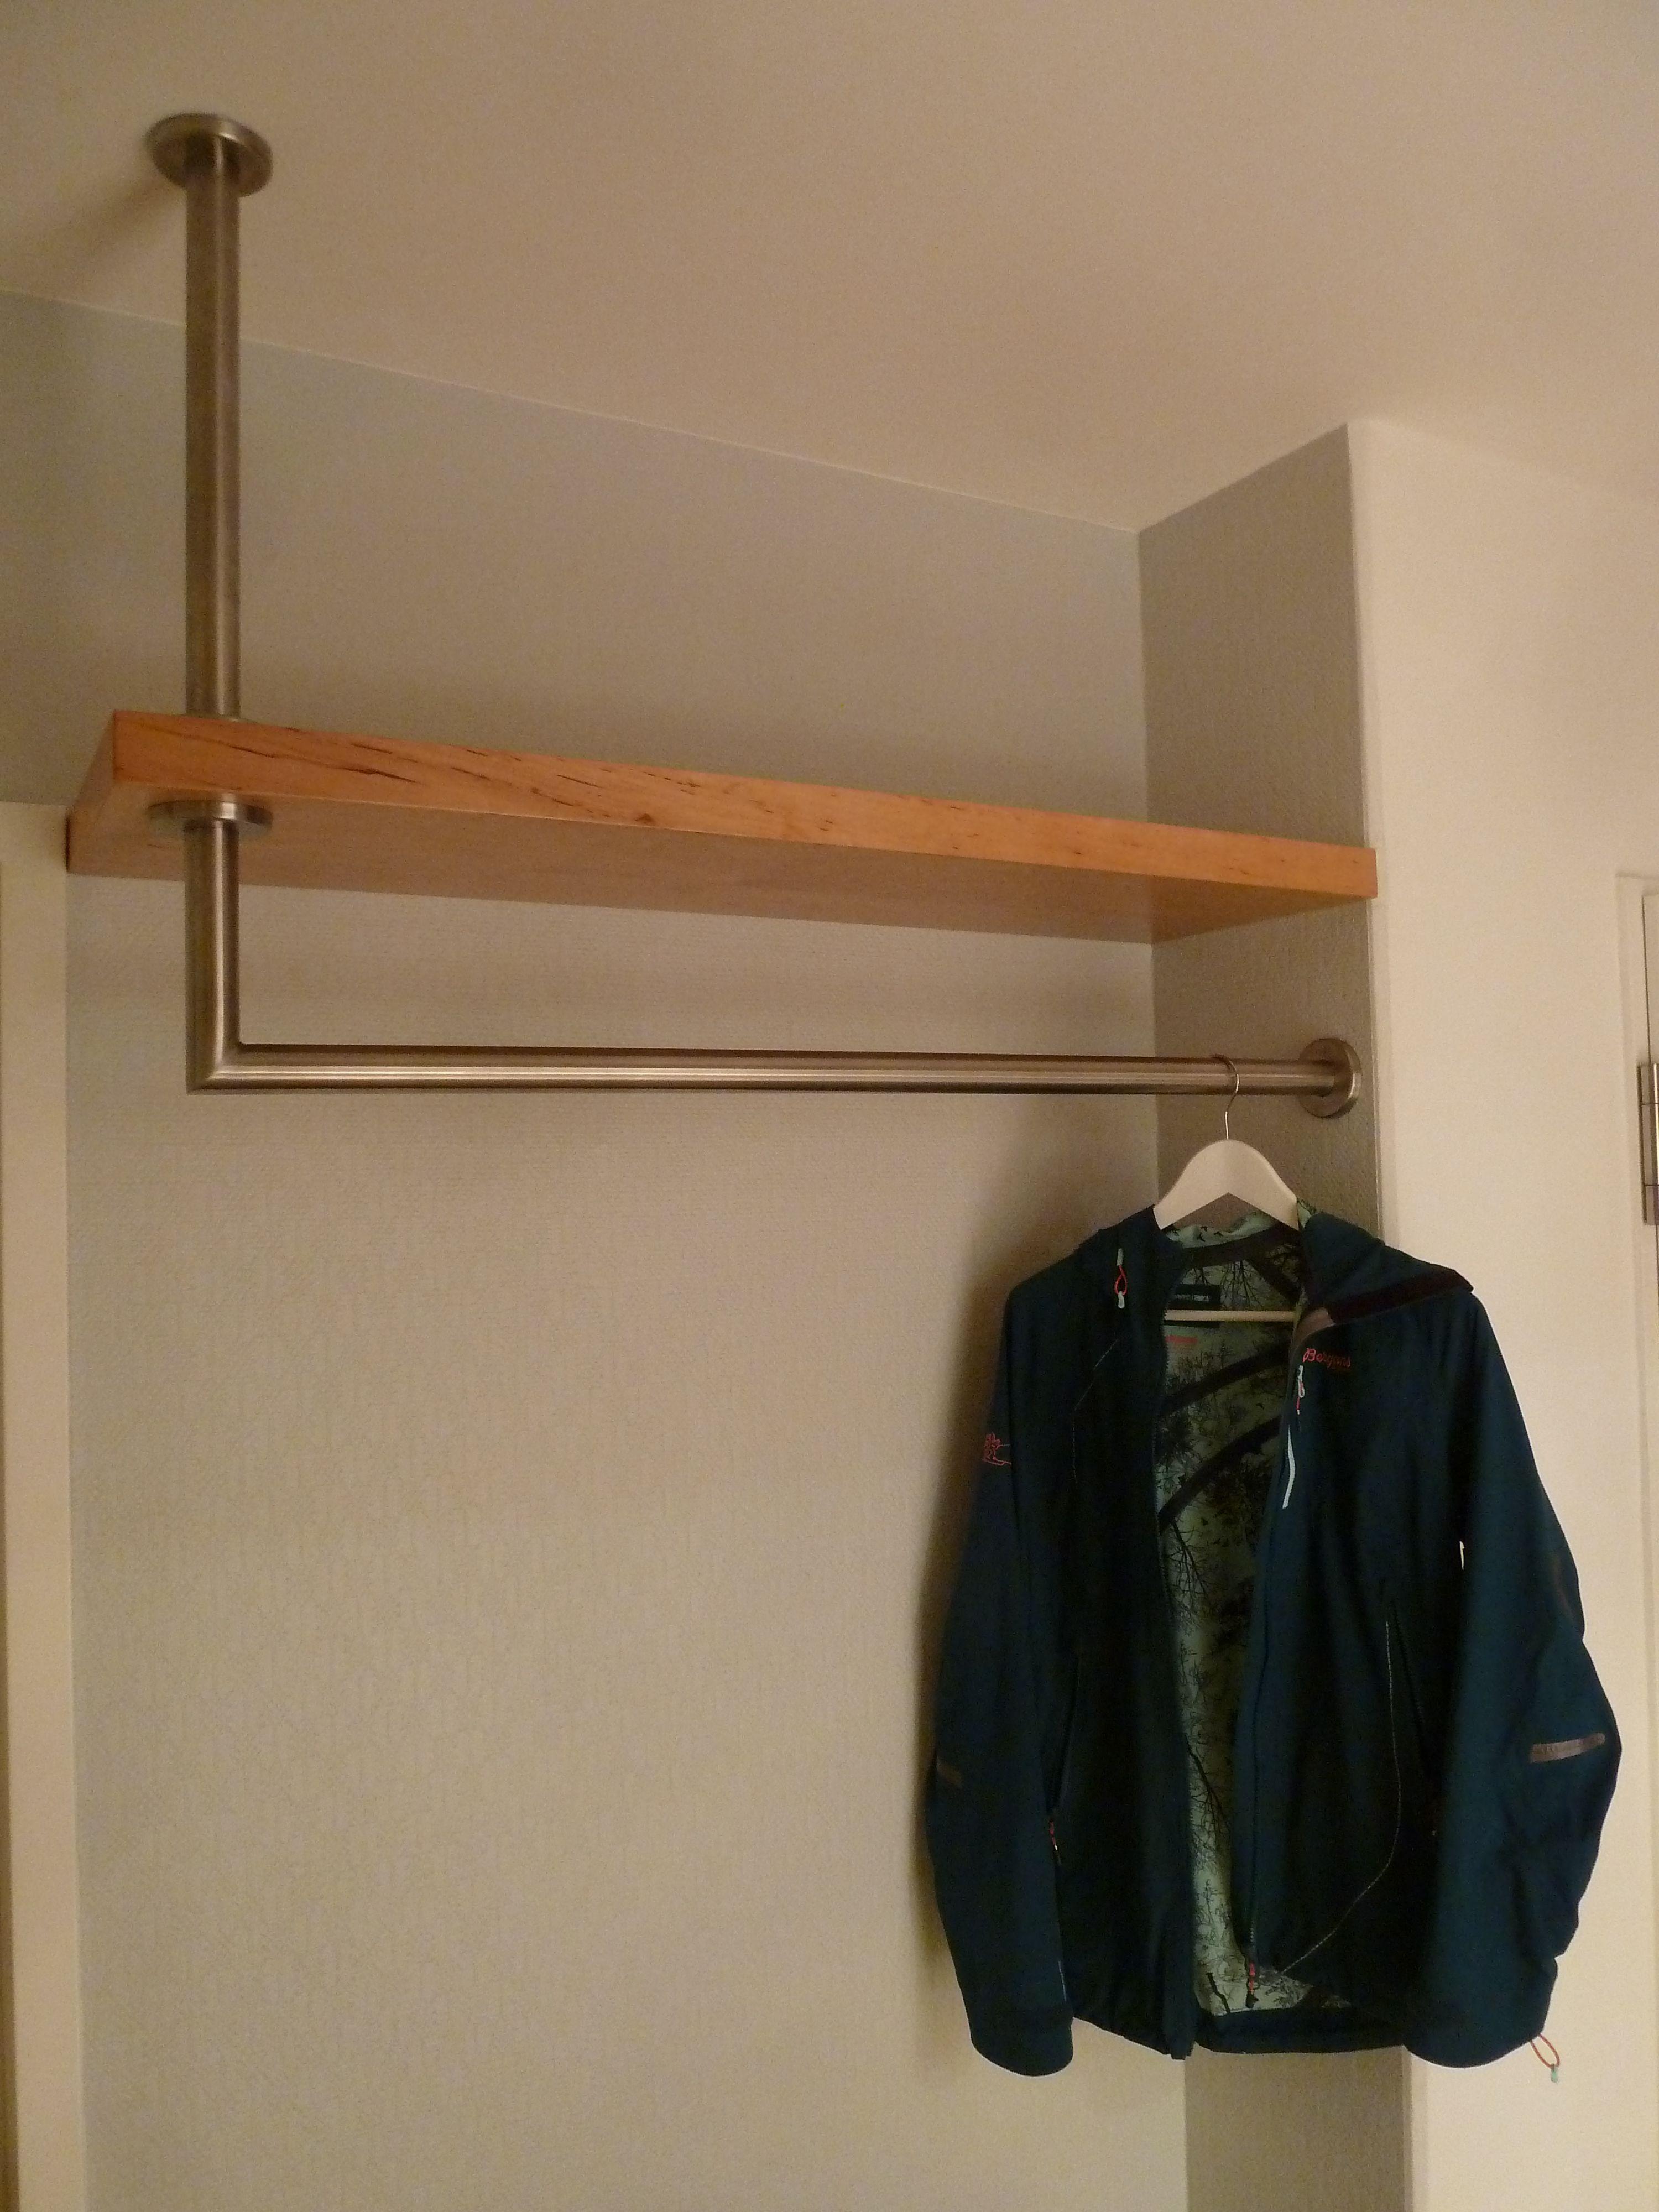 Edelstahl Garderobenstange L Form Als Holzregal Durchfuhrung Garderobenstange Garderobe Stange Regal Design